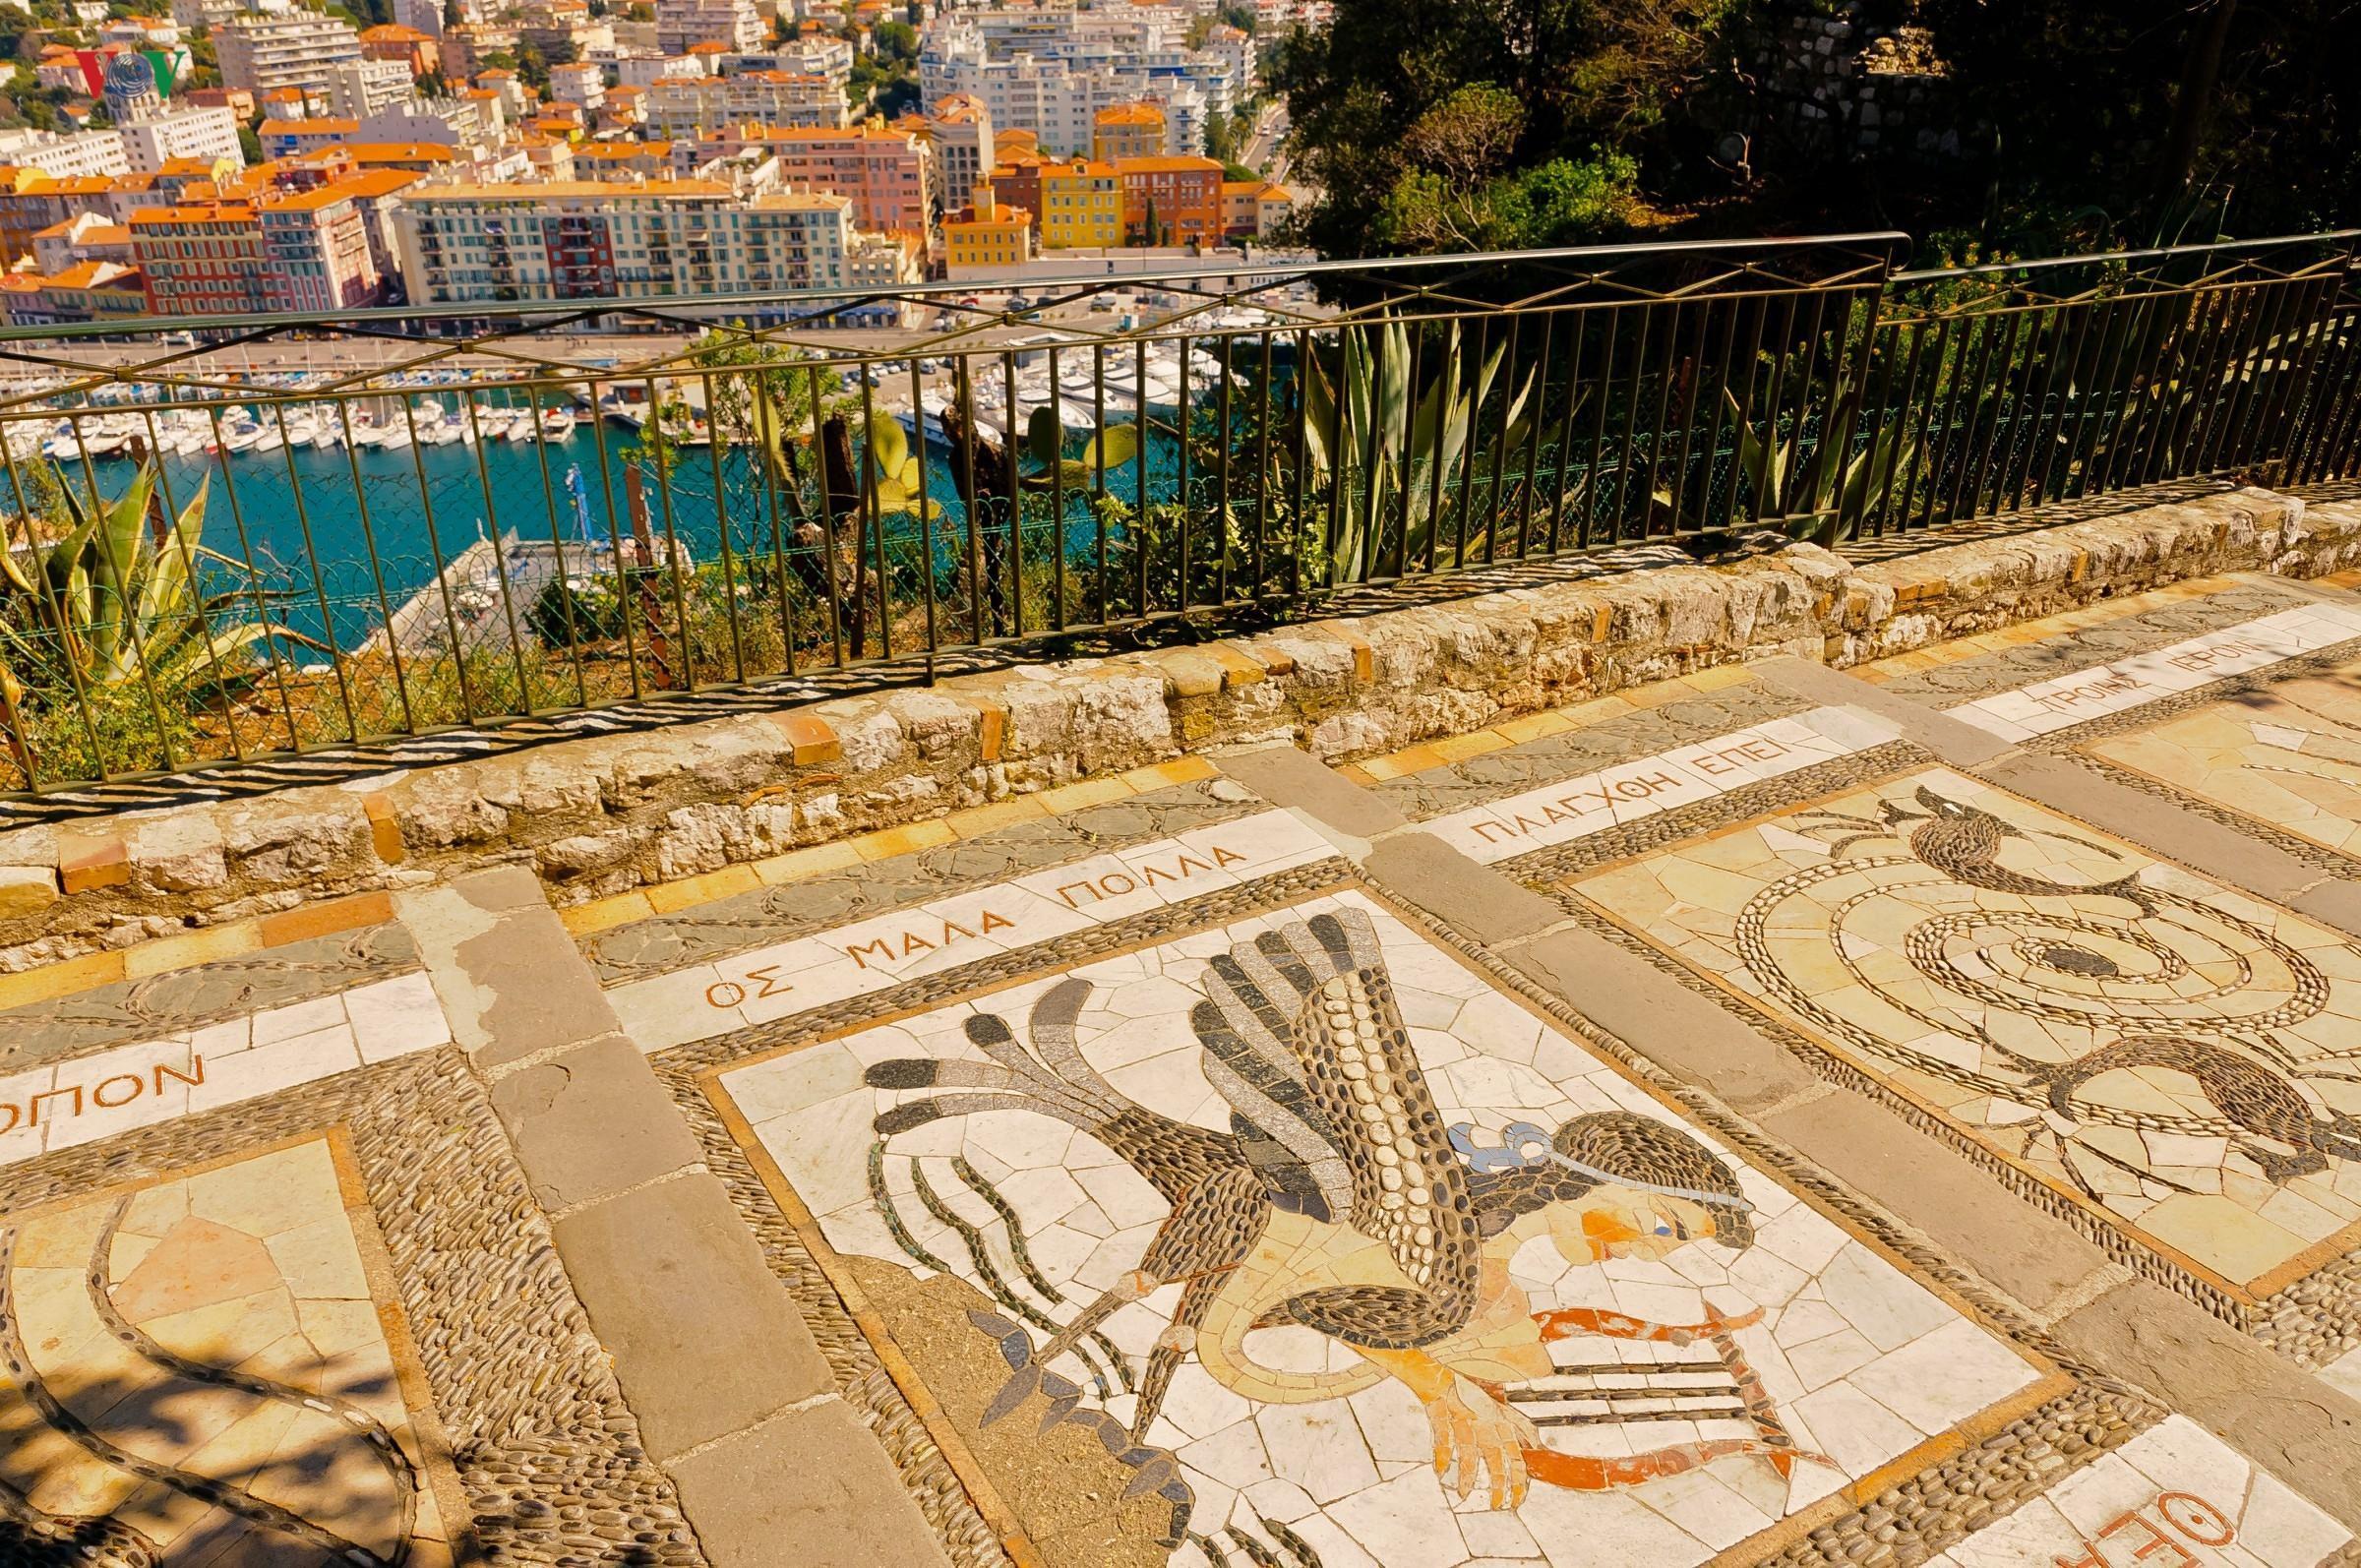 Khám phá Nice - thành phố biển quyến rũ nhất Địa Trung Hải Ảnh 5